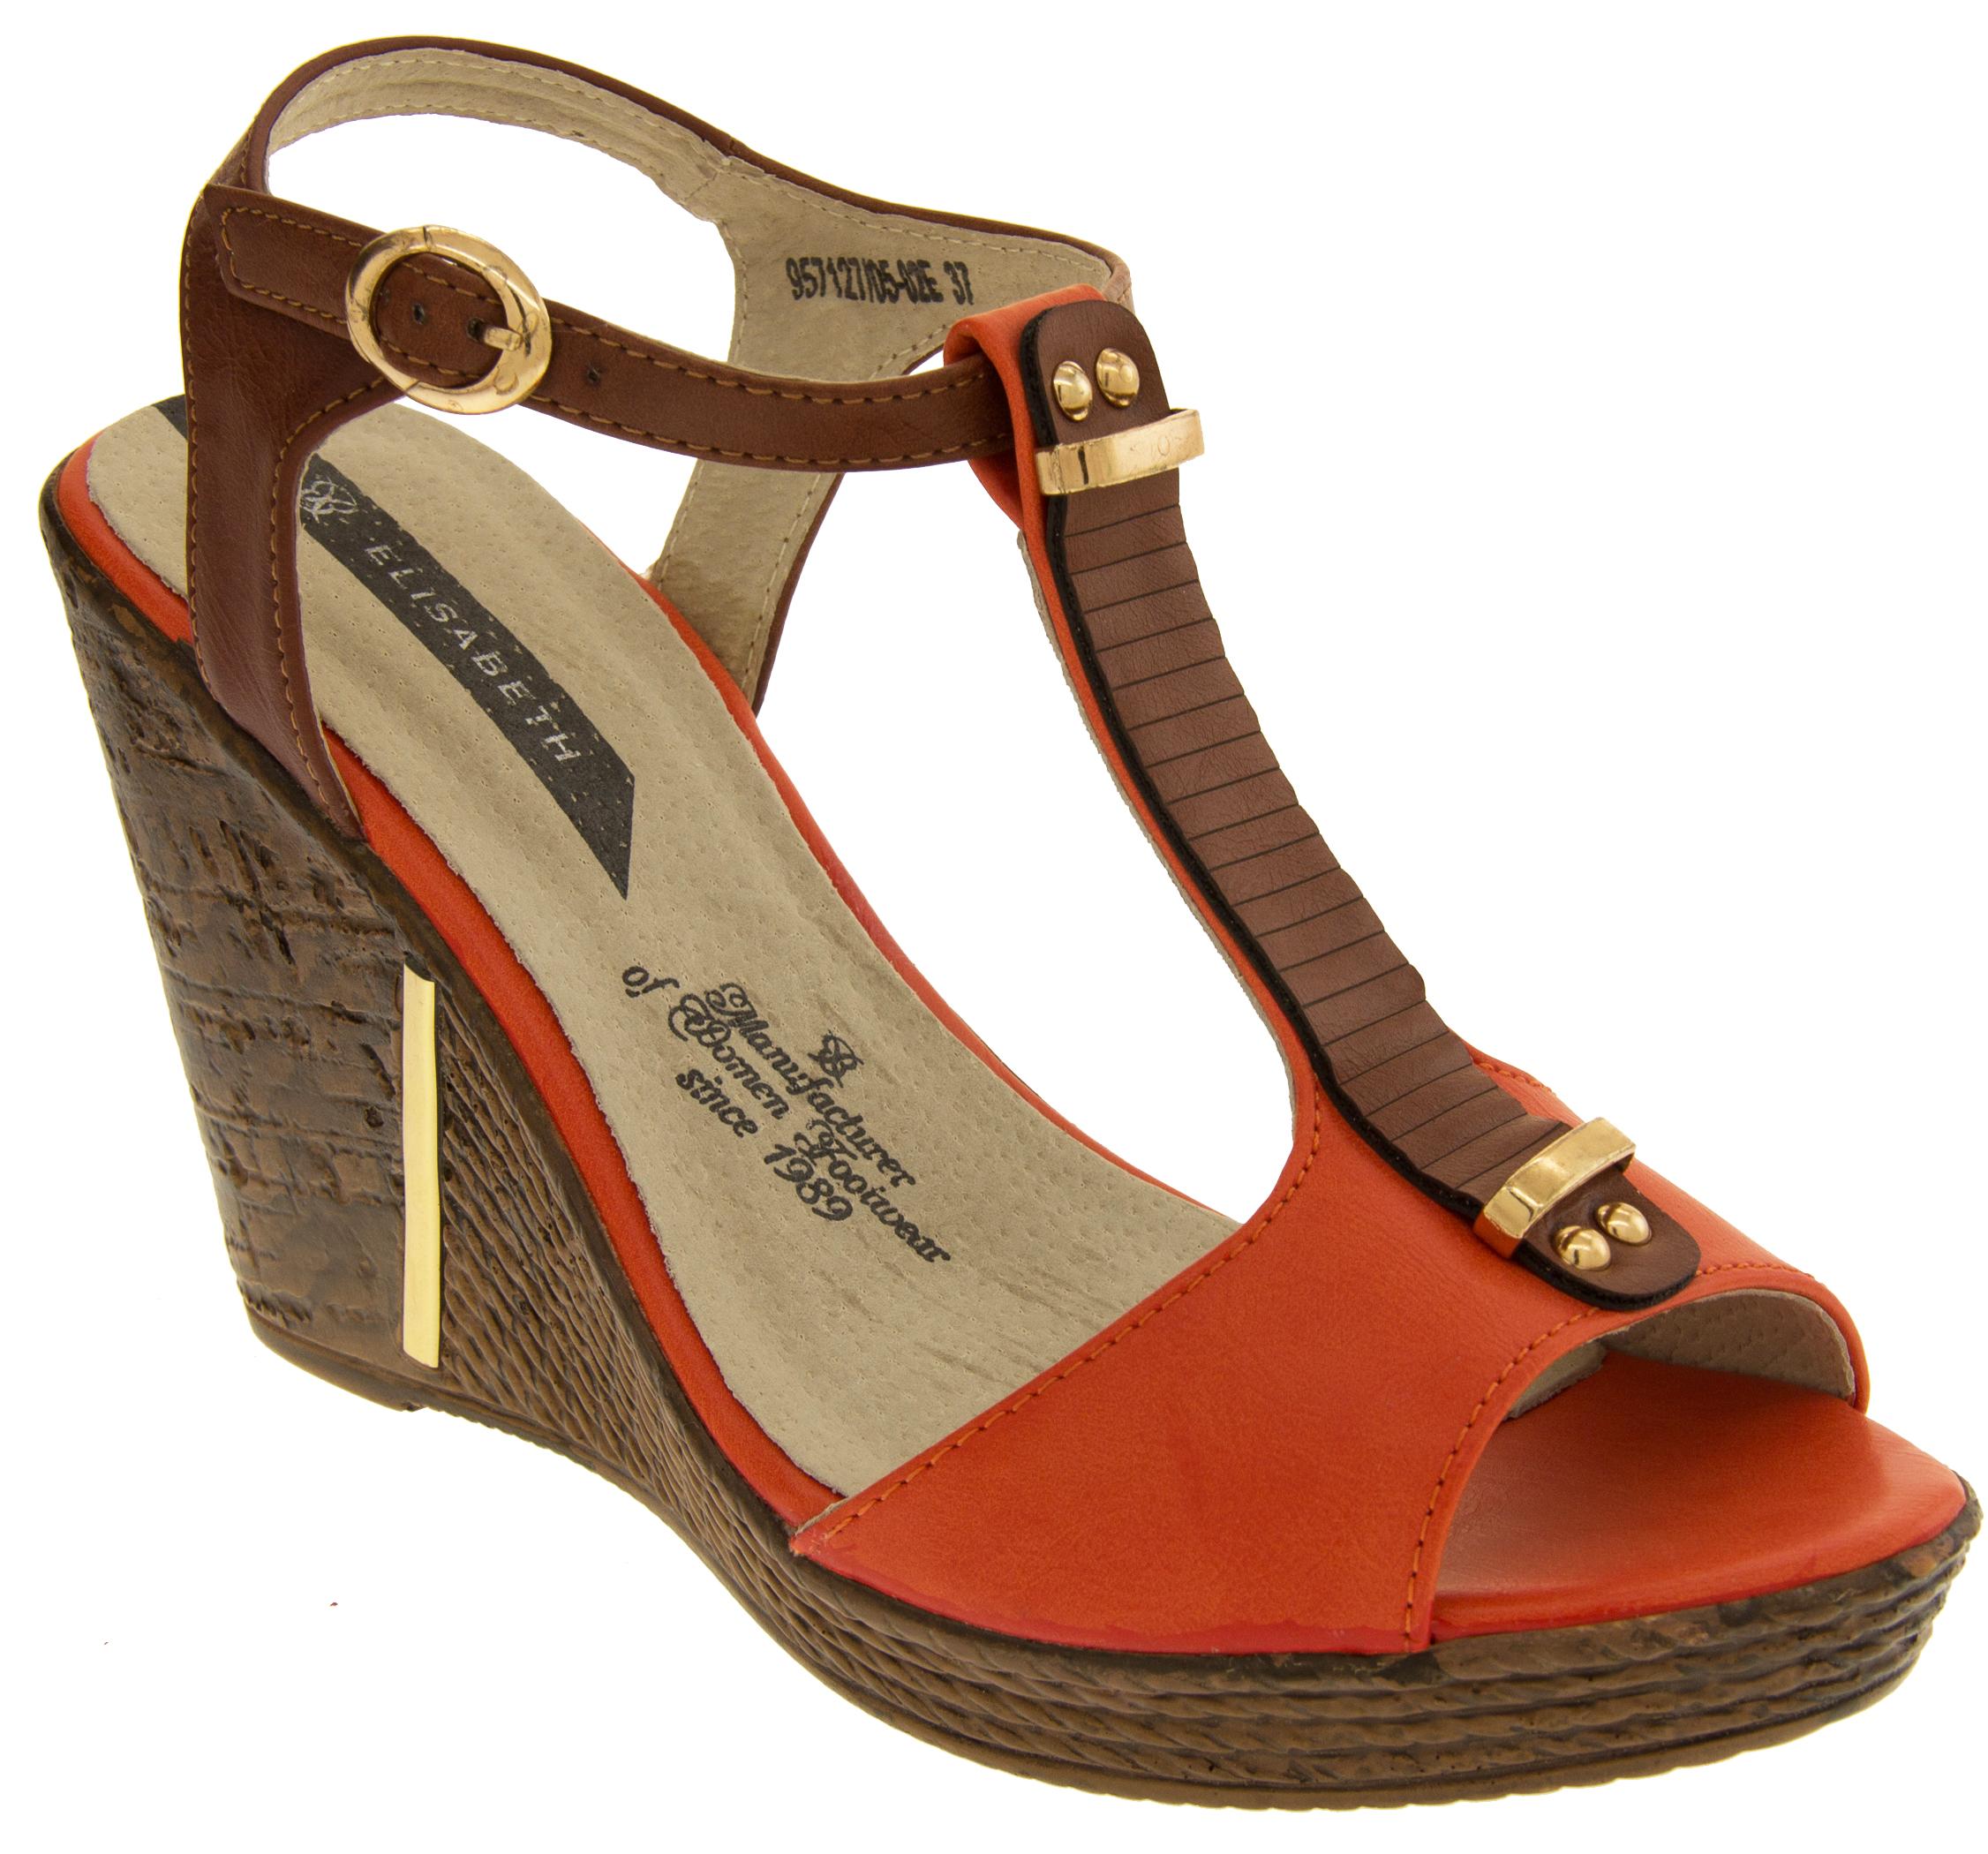 Ladies Ankle Strap Wedge Sandals Womens Peep Toe Platform ...